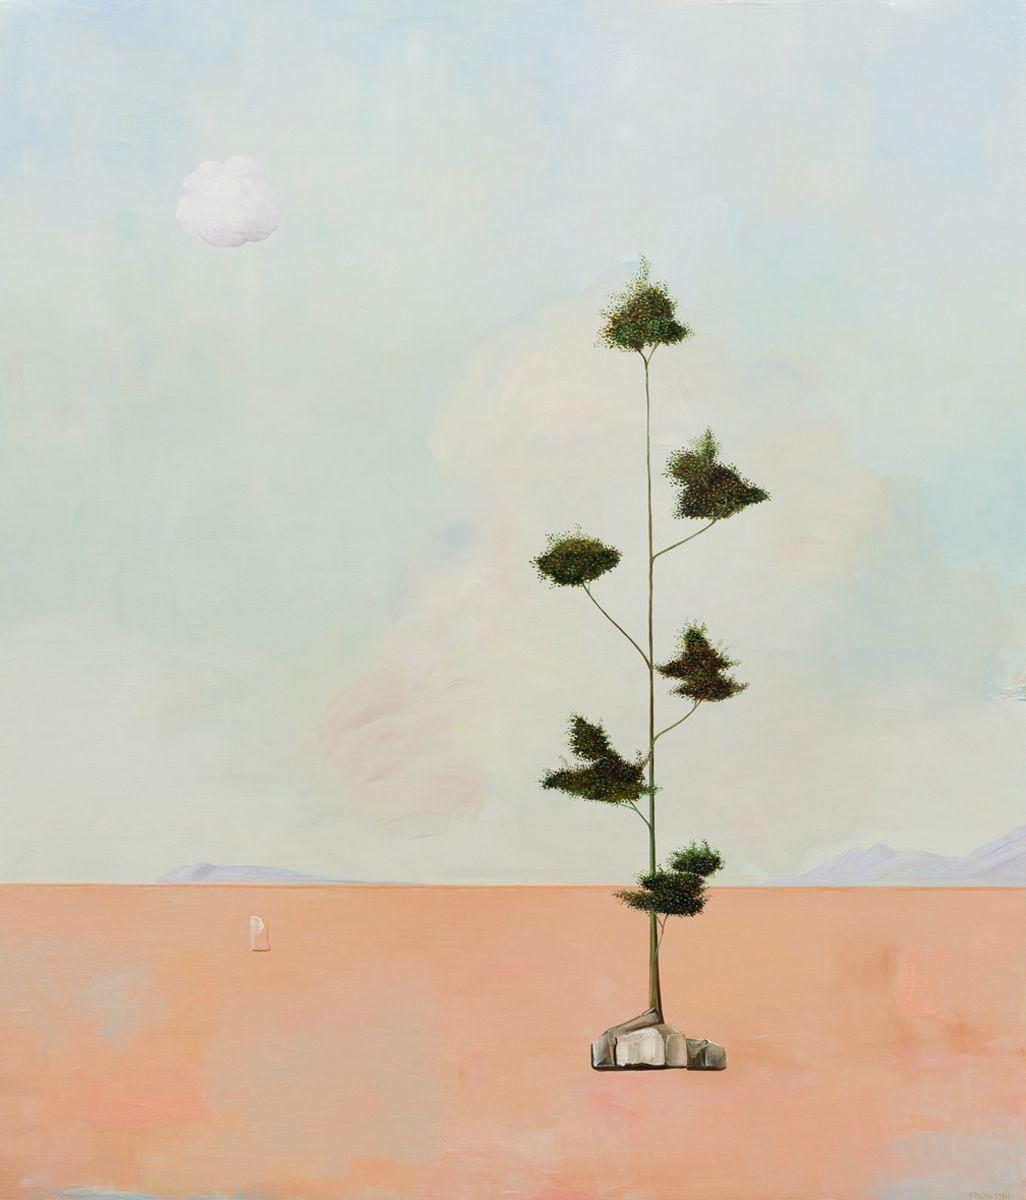 Desert Tree #2